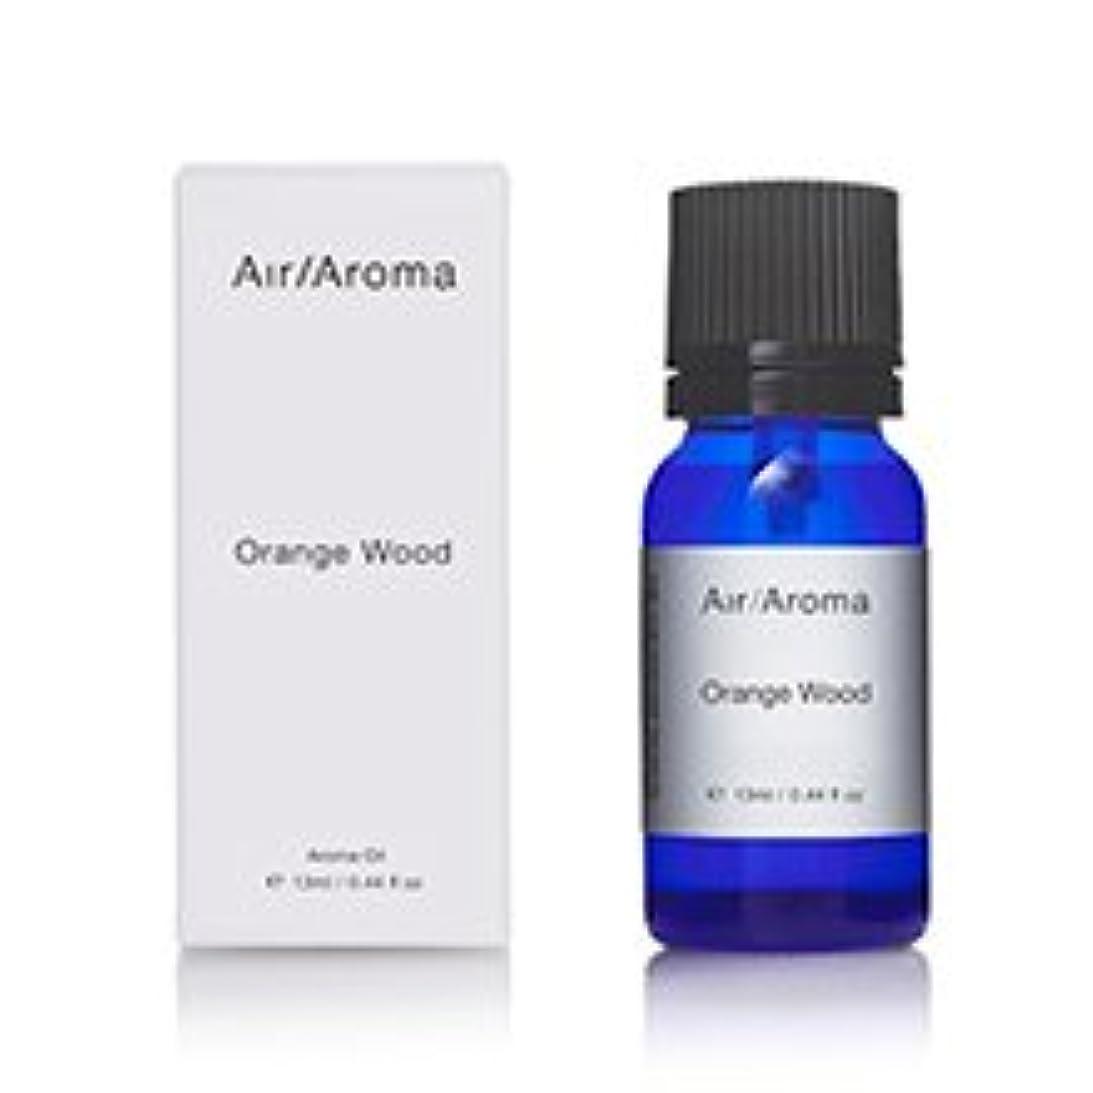 お風呂を持っている希望に満ちた出血エアアロマ orange wood(オレンジウッド)13ml